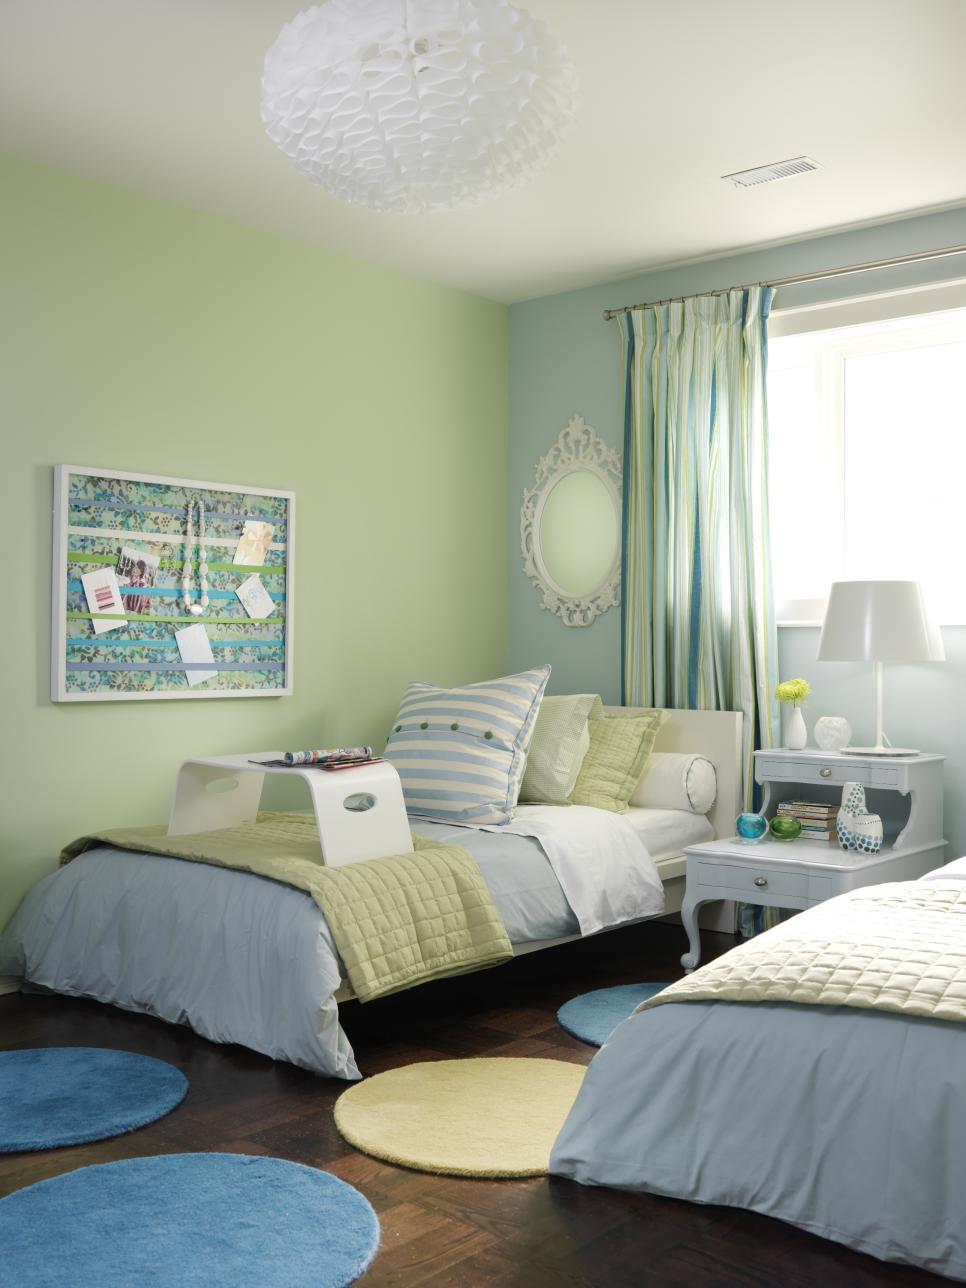 Dormitorios juveniles 100 ideas para tu adolescente - Dormitorio verde ...